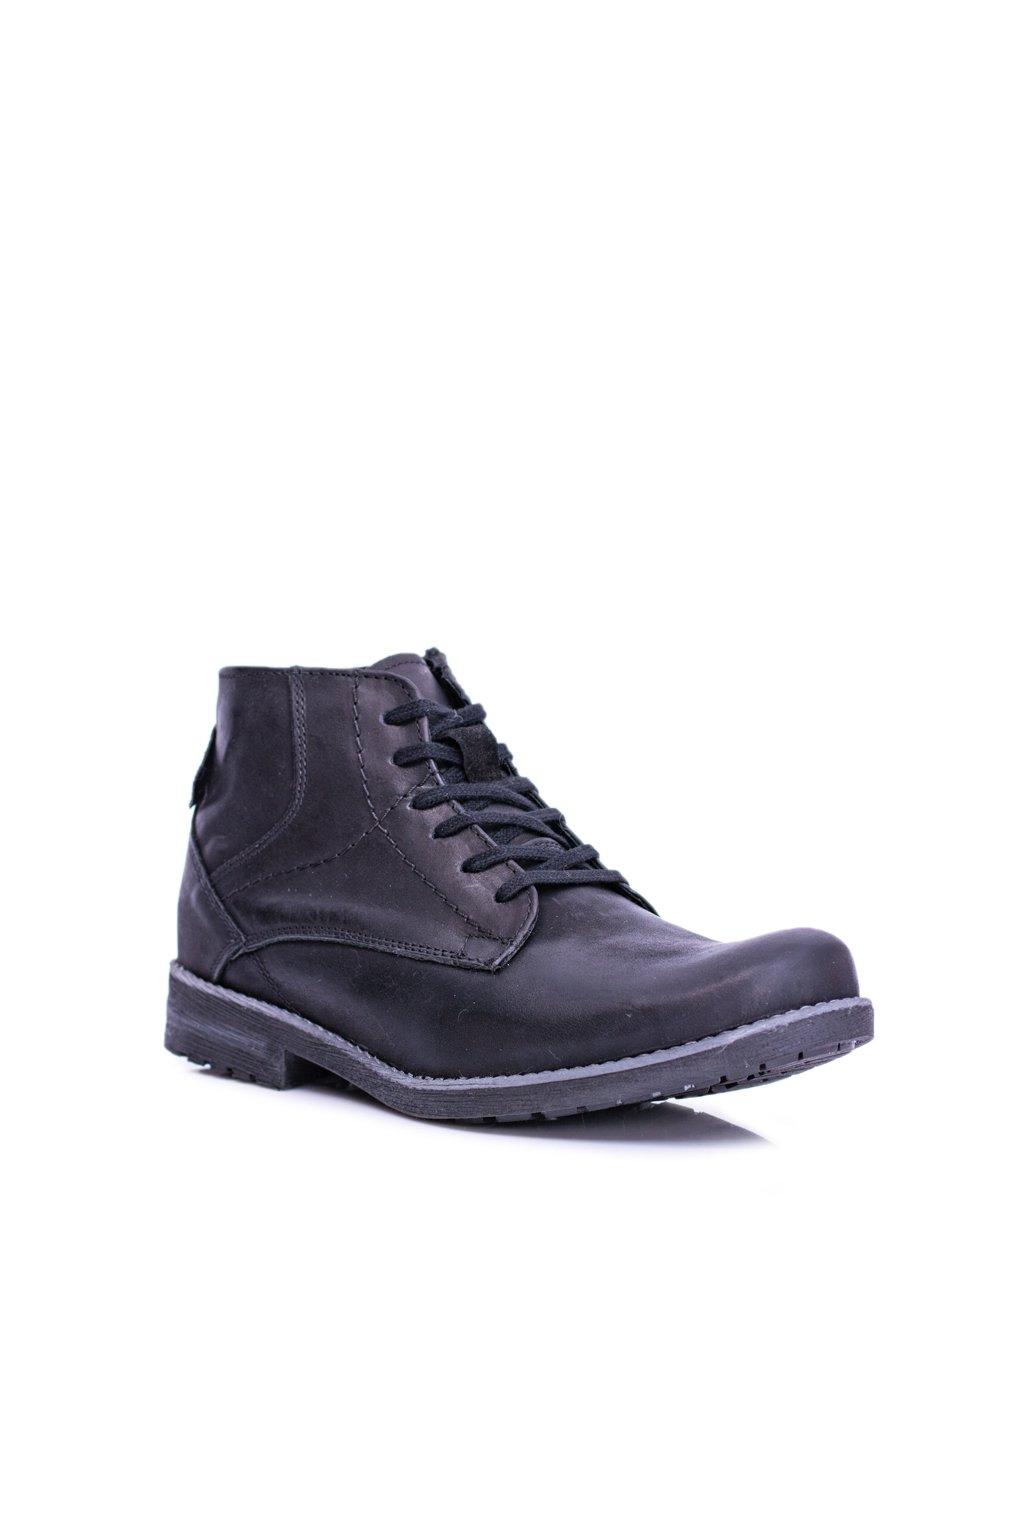 pánske kožené vysoké topánky so zipsom Teplé čierne Komodo 731